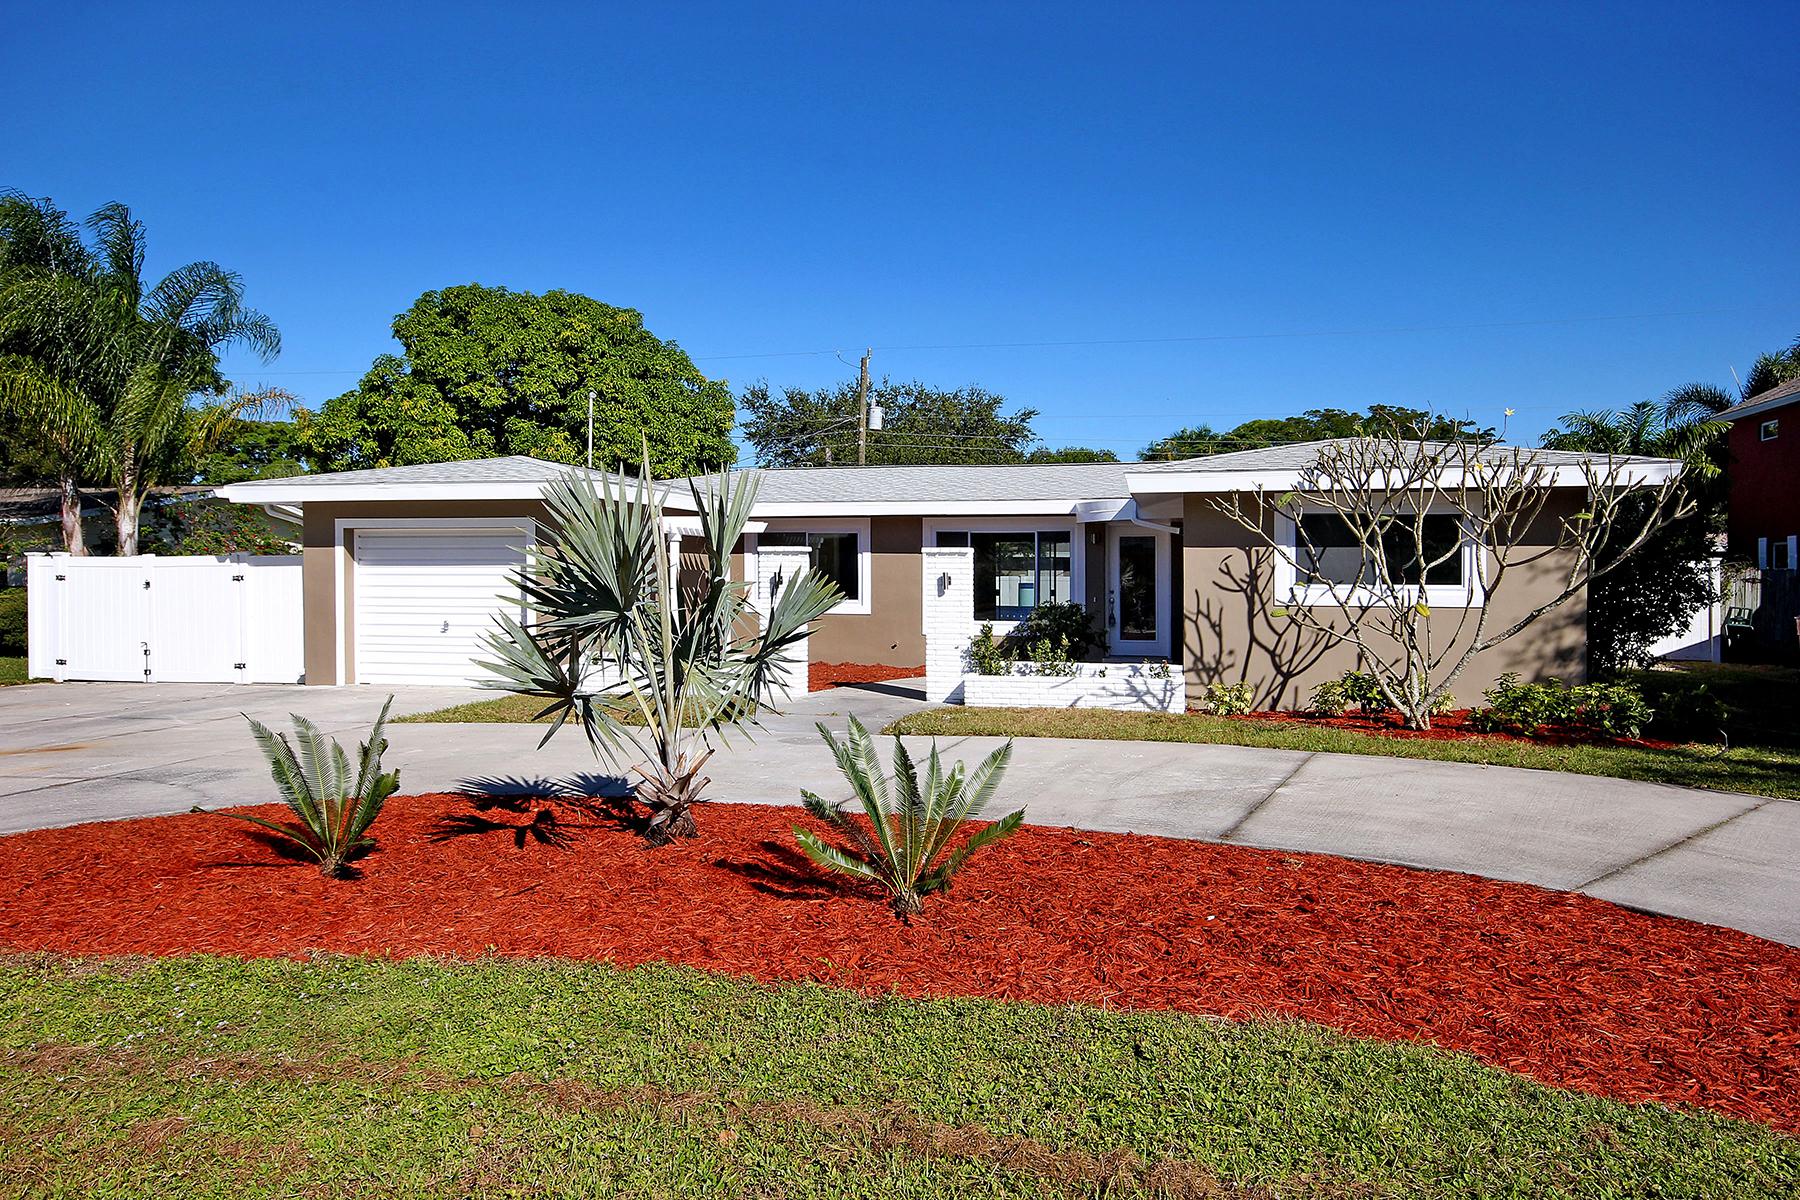 Casa para uma família para Venda às FORT MYERS 1345 Stadler Dr Fort Myers, Florida, 33901 Estados Unidos